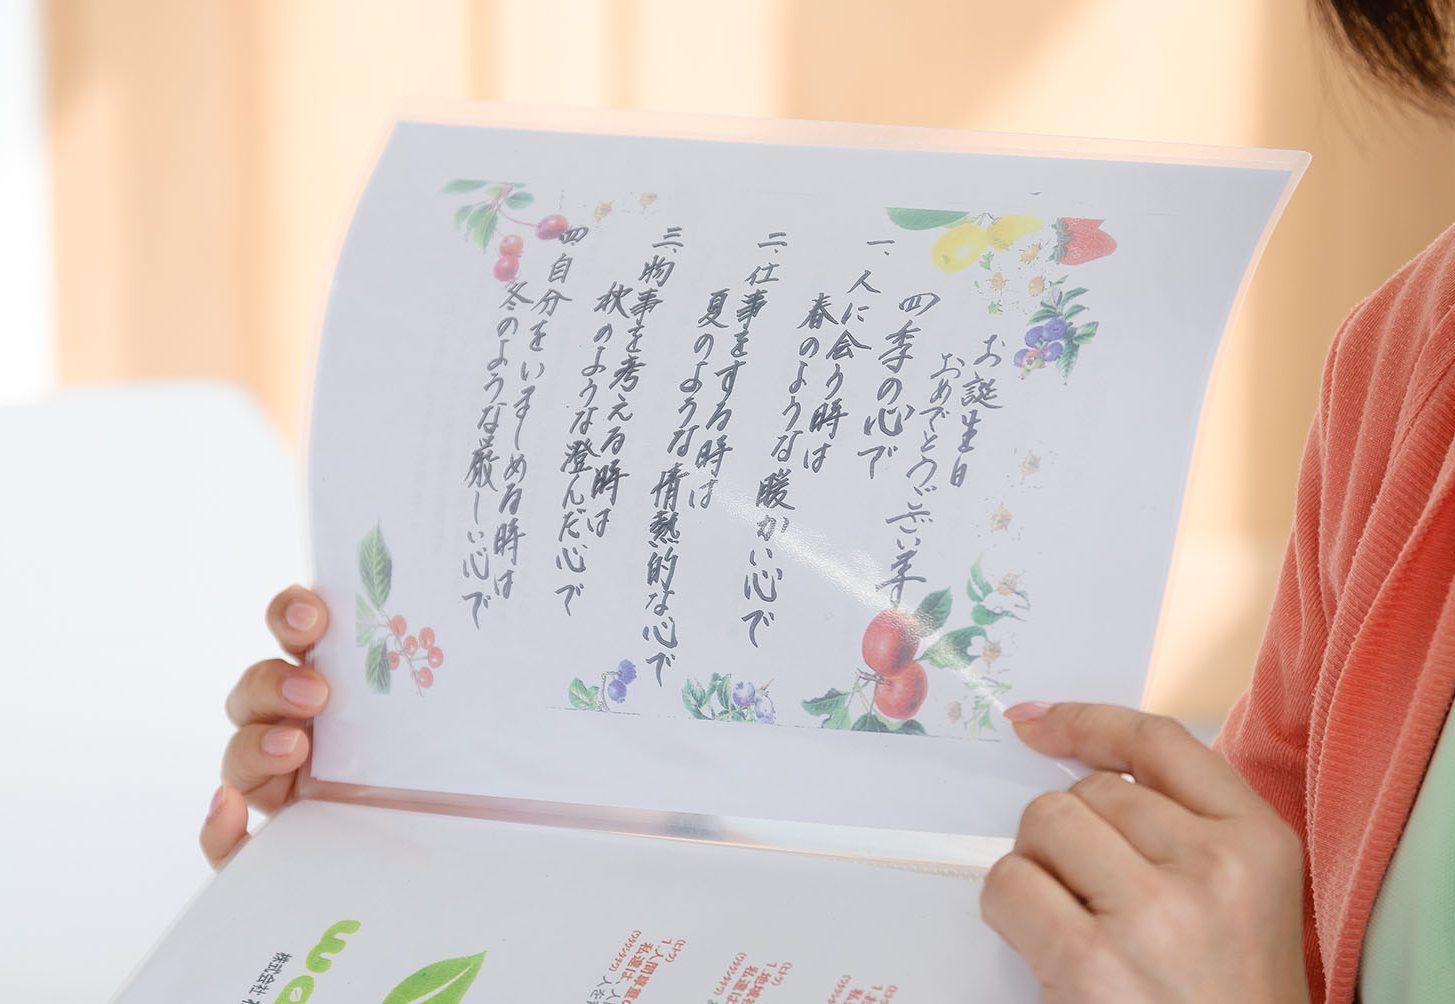 わかばケアセンター五反野+東京都足立区弘道1-14-3